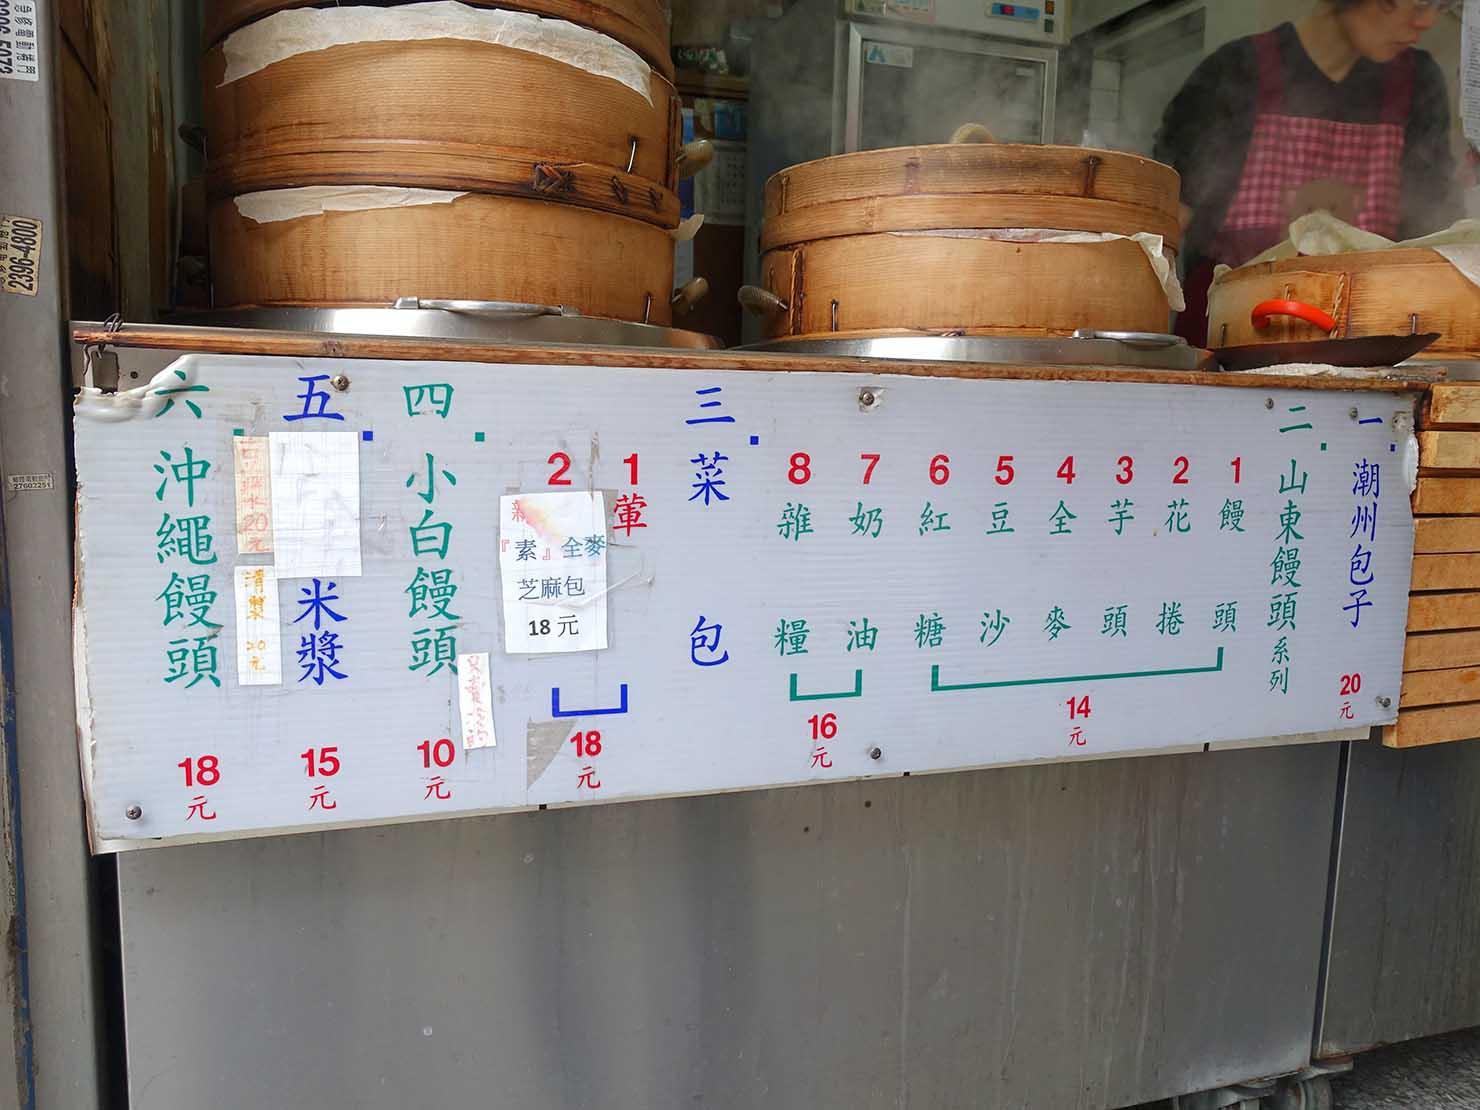 台北・東門エリアのおすすめグルメ店「潮州包子」のメニュー